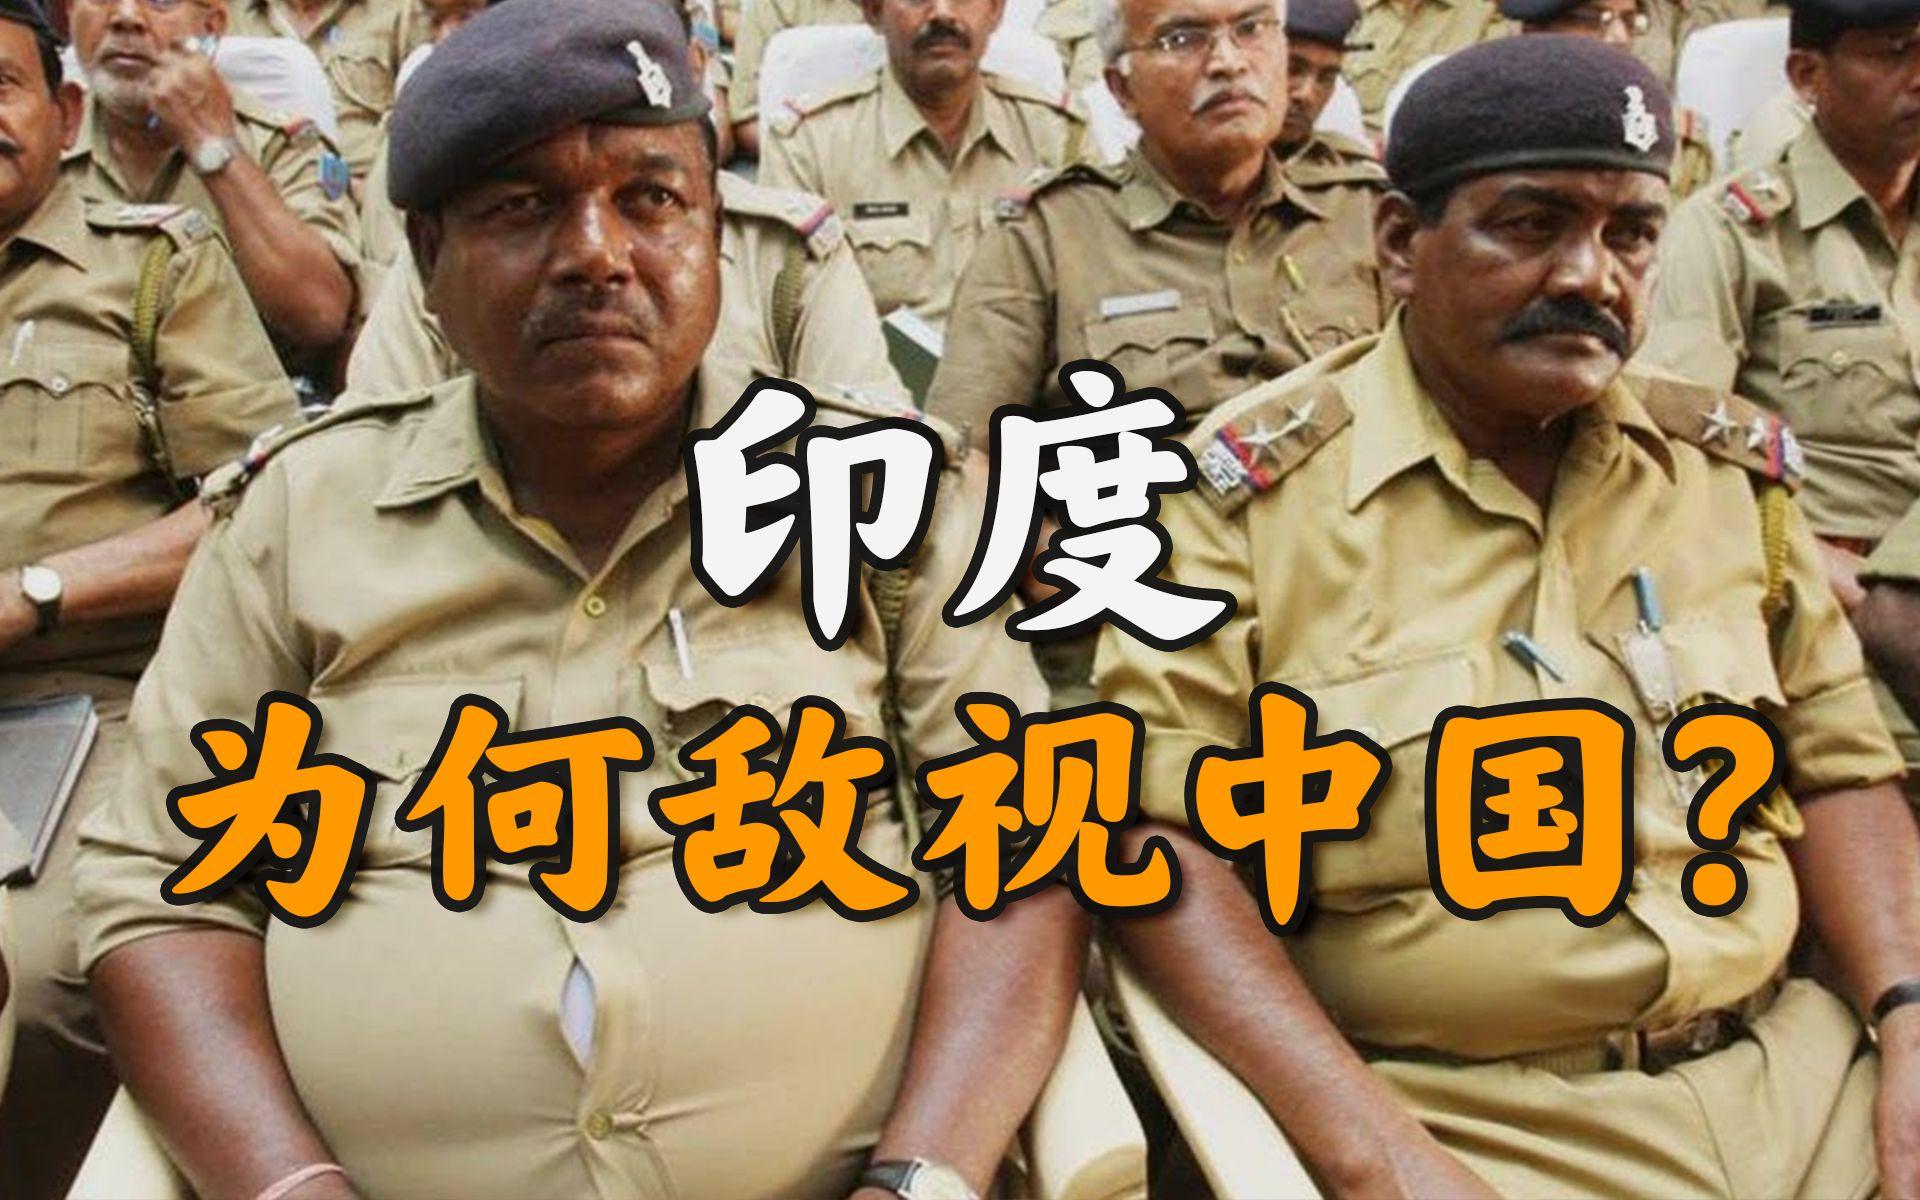 美印军演、边境挑衅、狂妄备战: 印度又想自取其辱? 【不良博士】